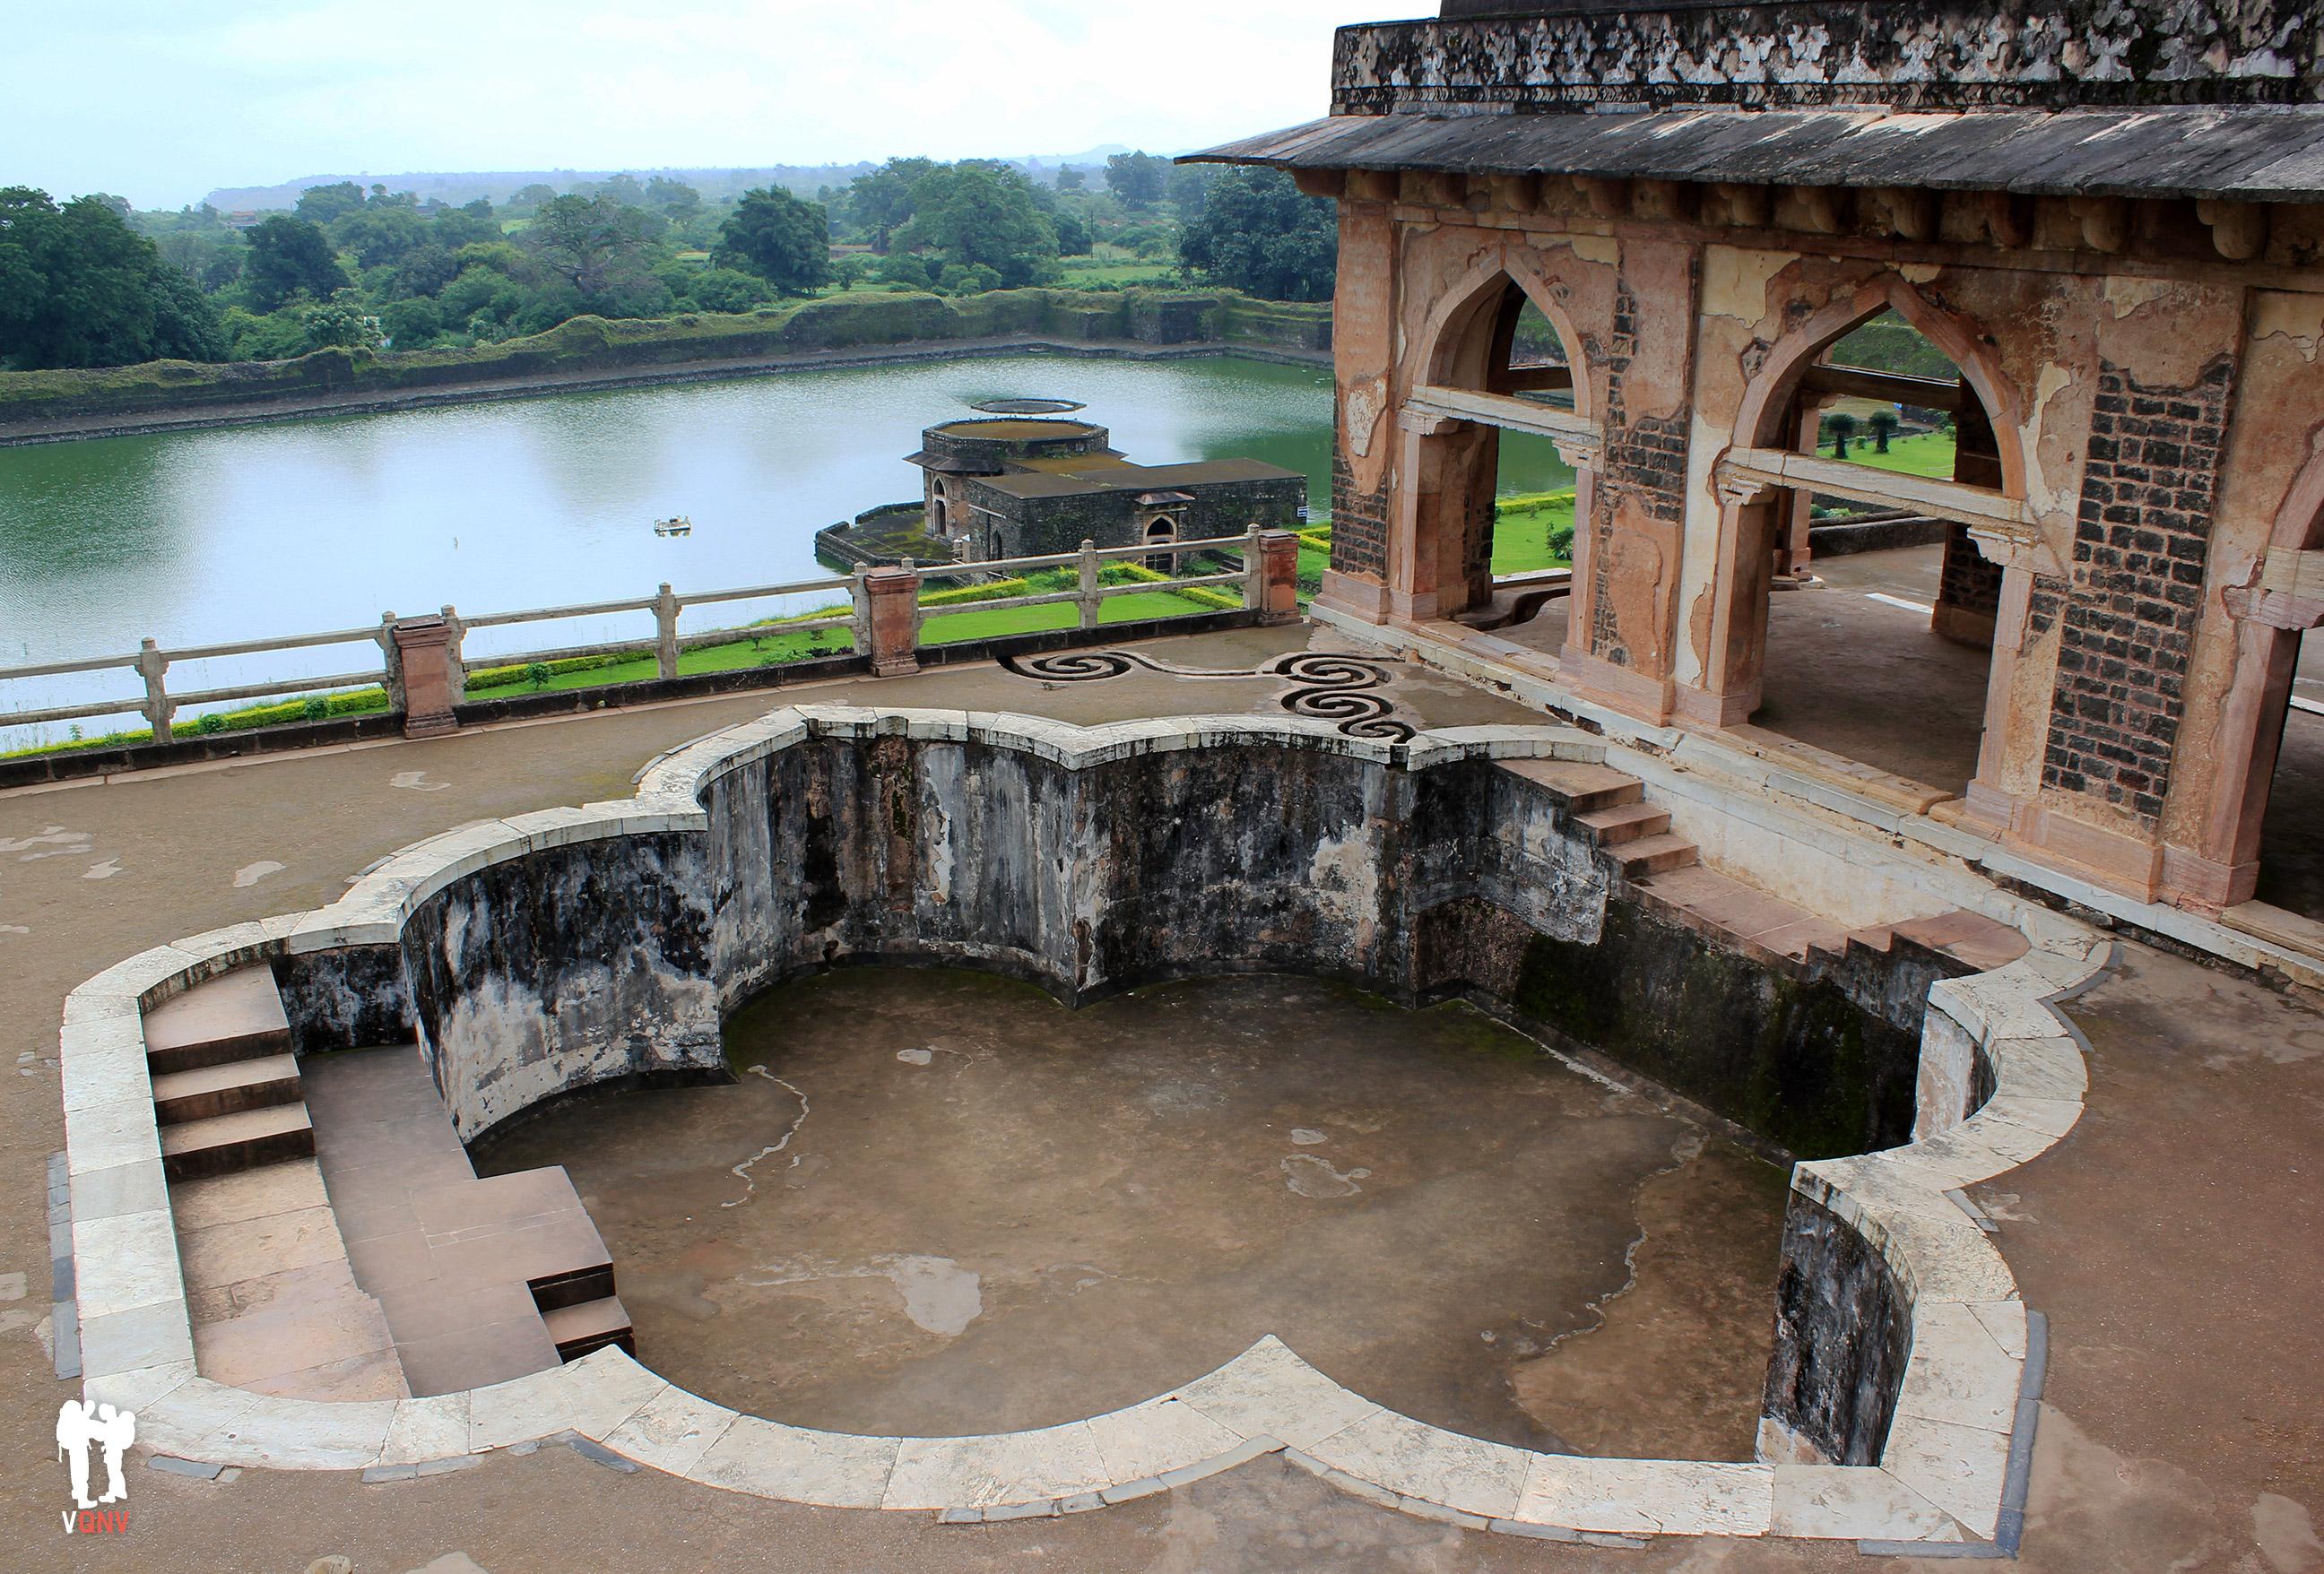 Piscina superior en Jahaz Mahal con acueducto en espiral